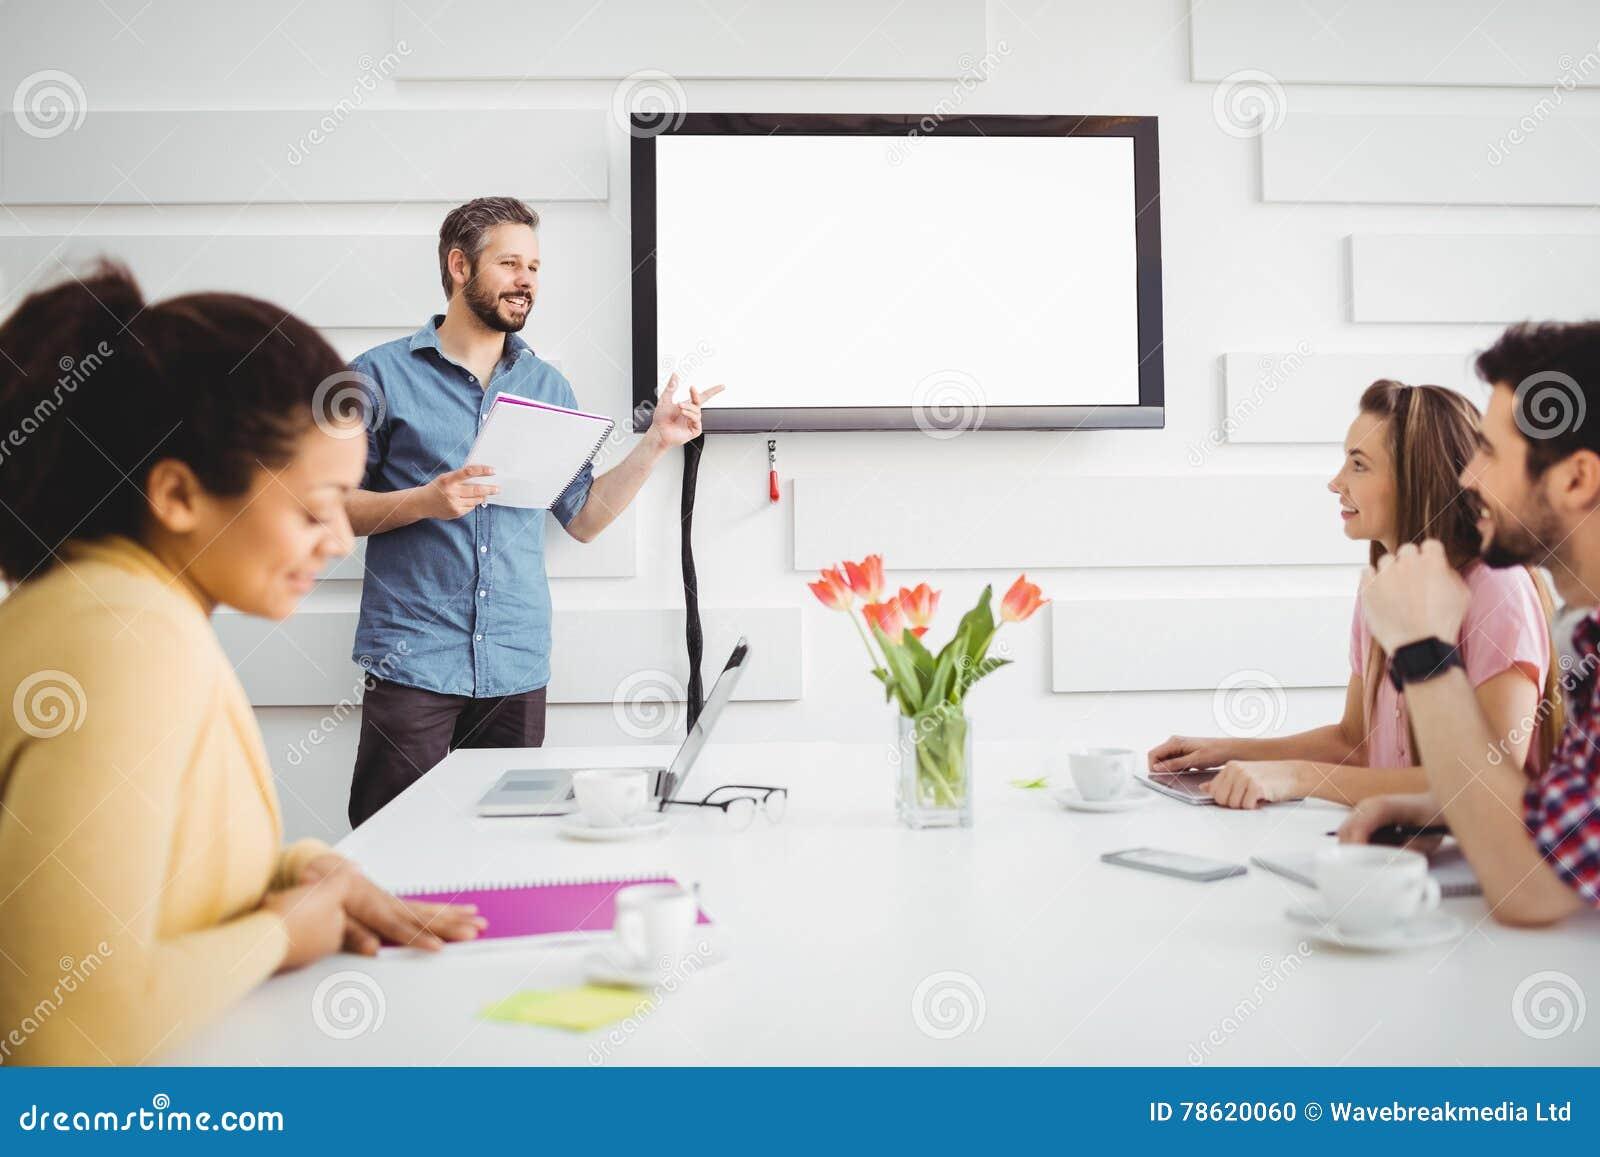 Lycklig utövande geende presentation till kollegor i mötesrum på det idérika kontoret